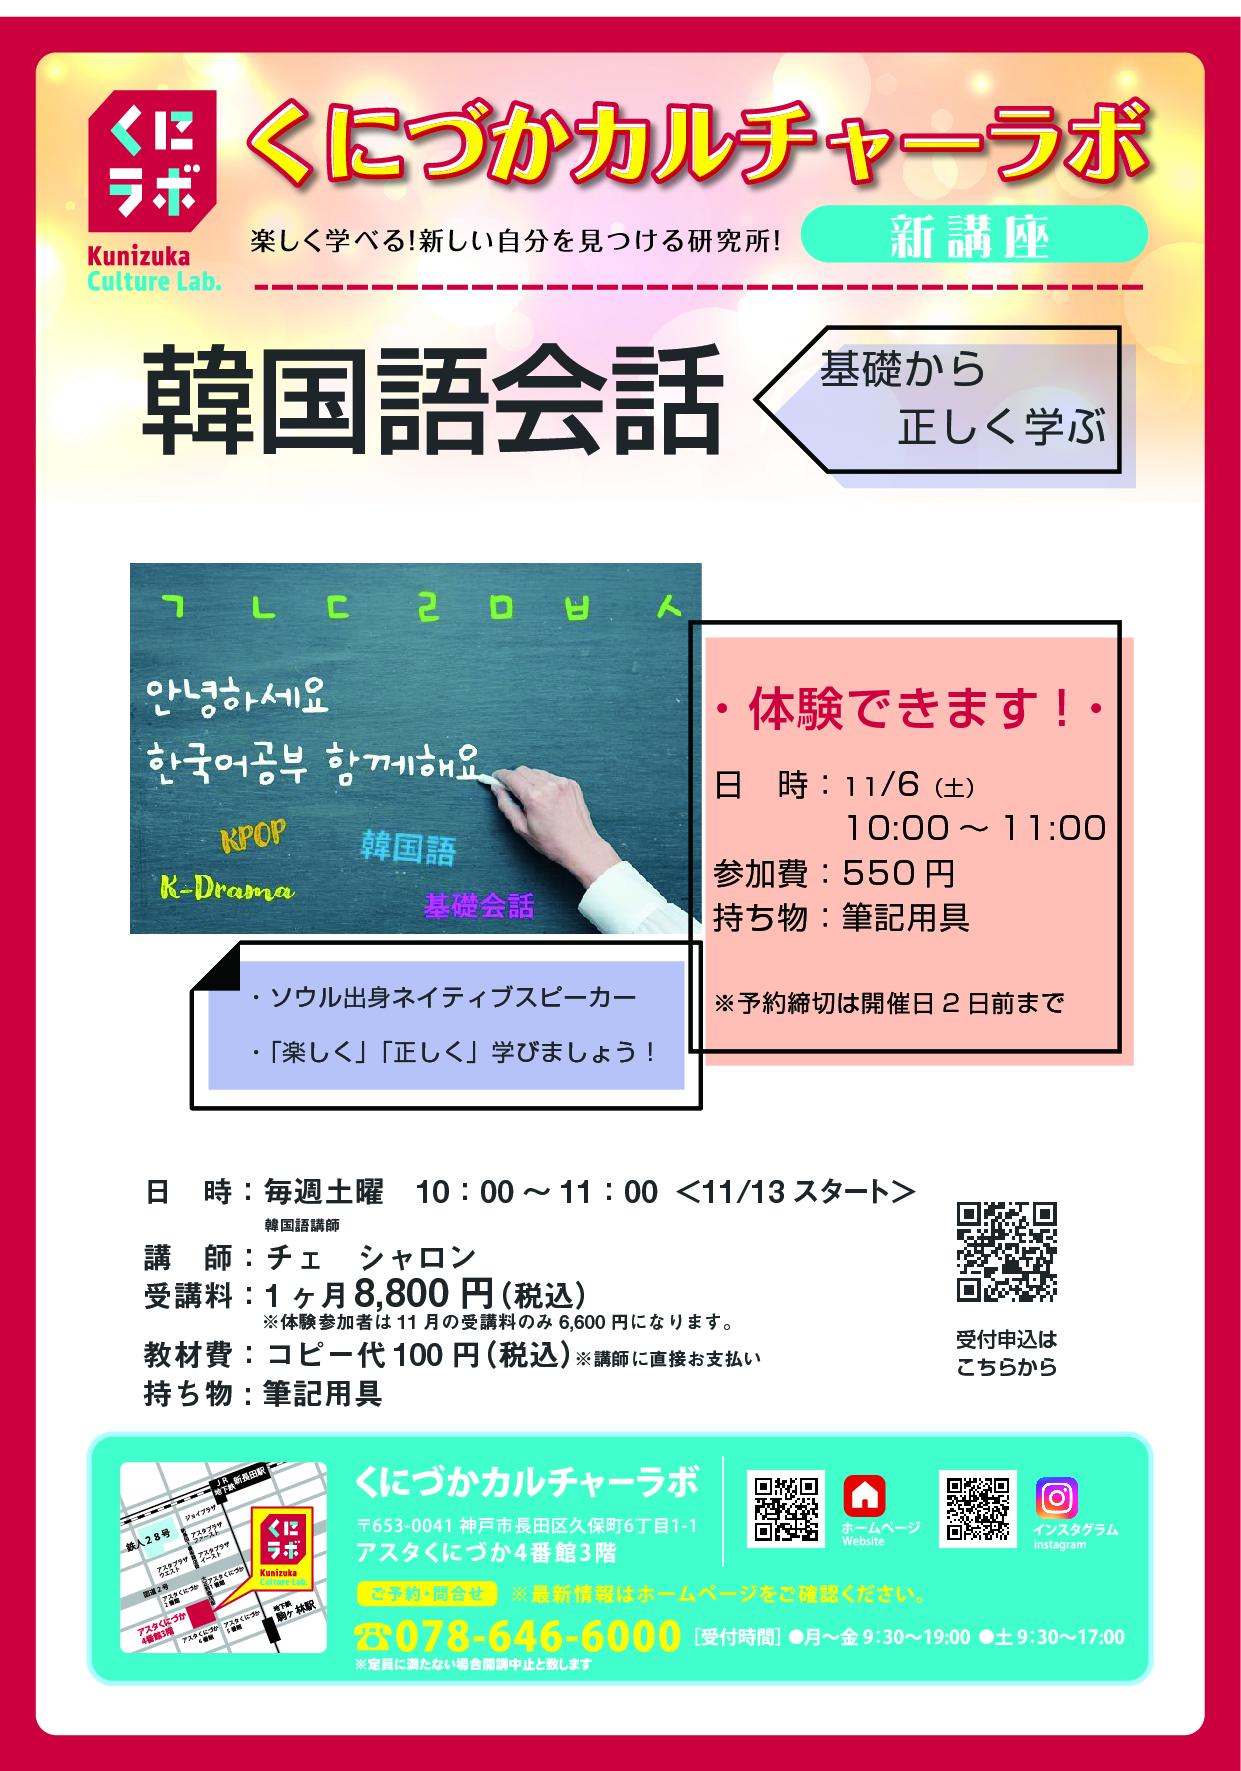 【新講座】韓国語会話の講座を開講致します。